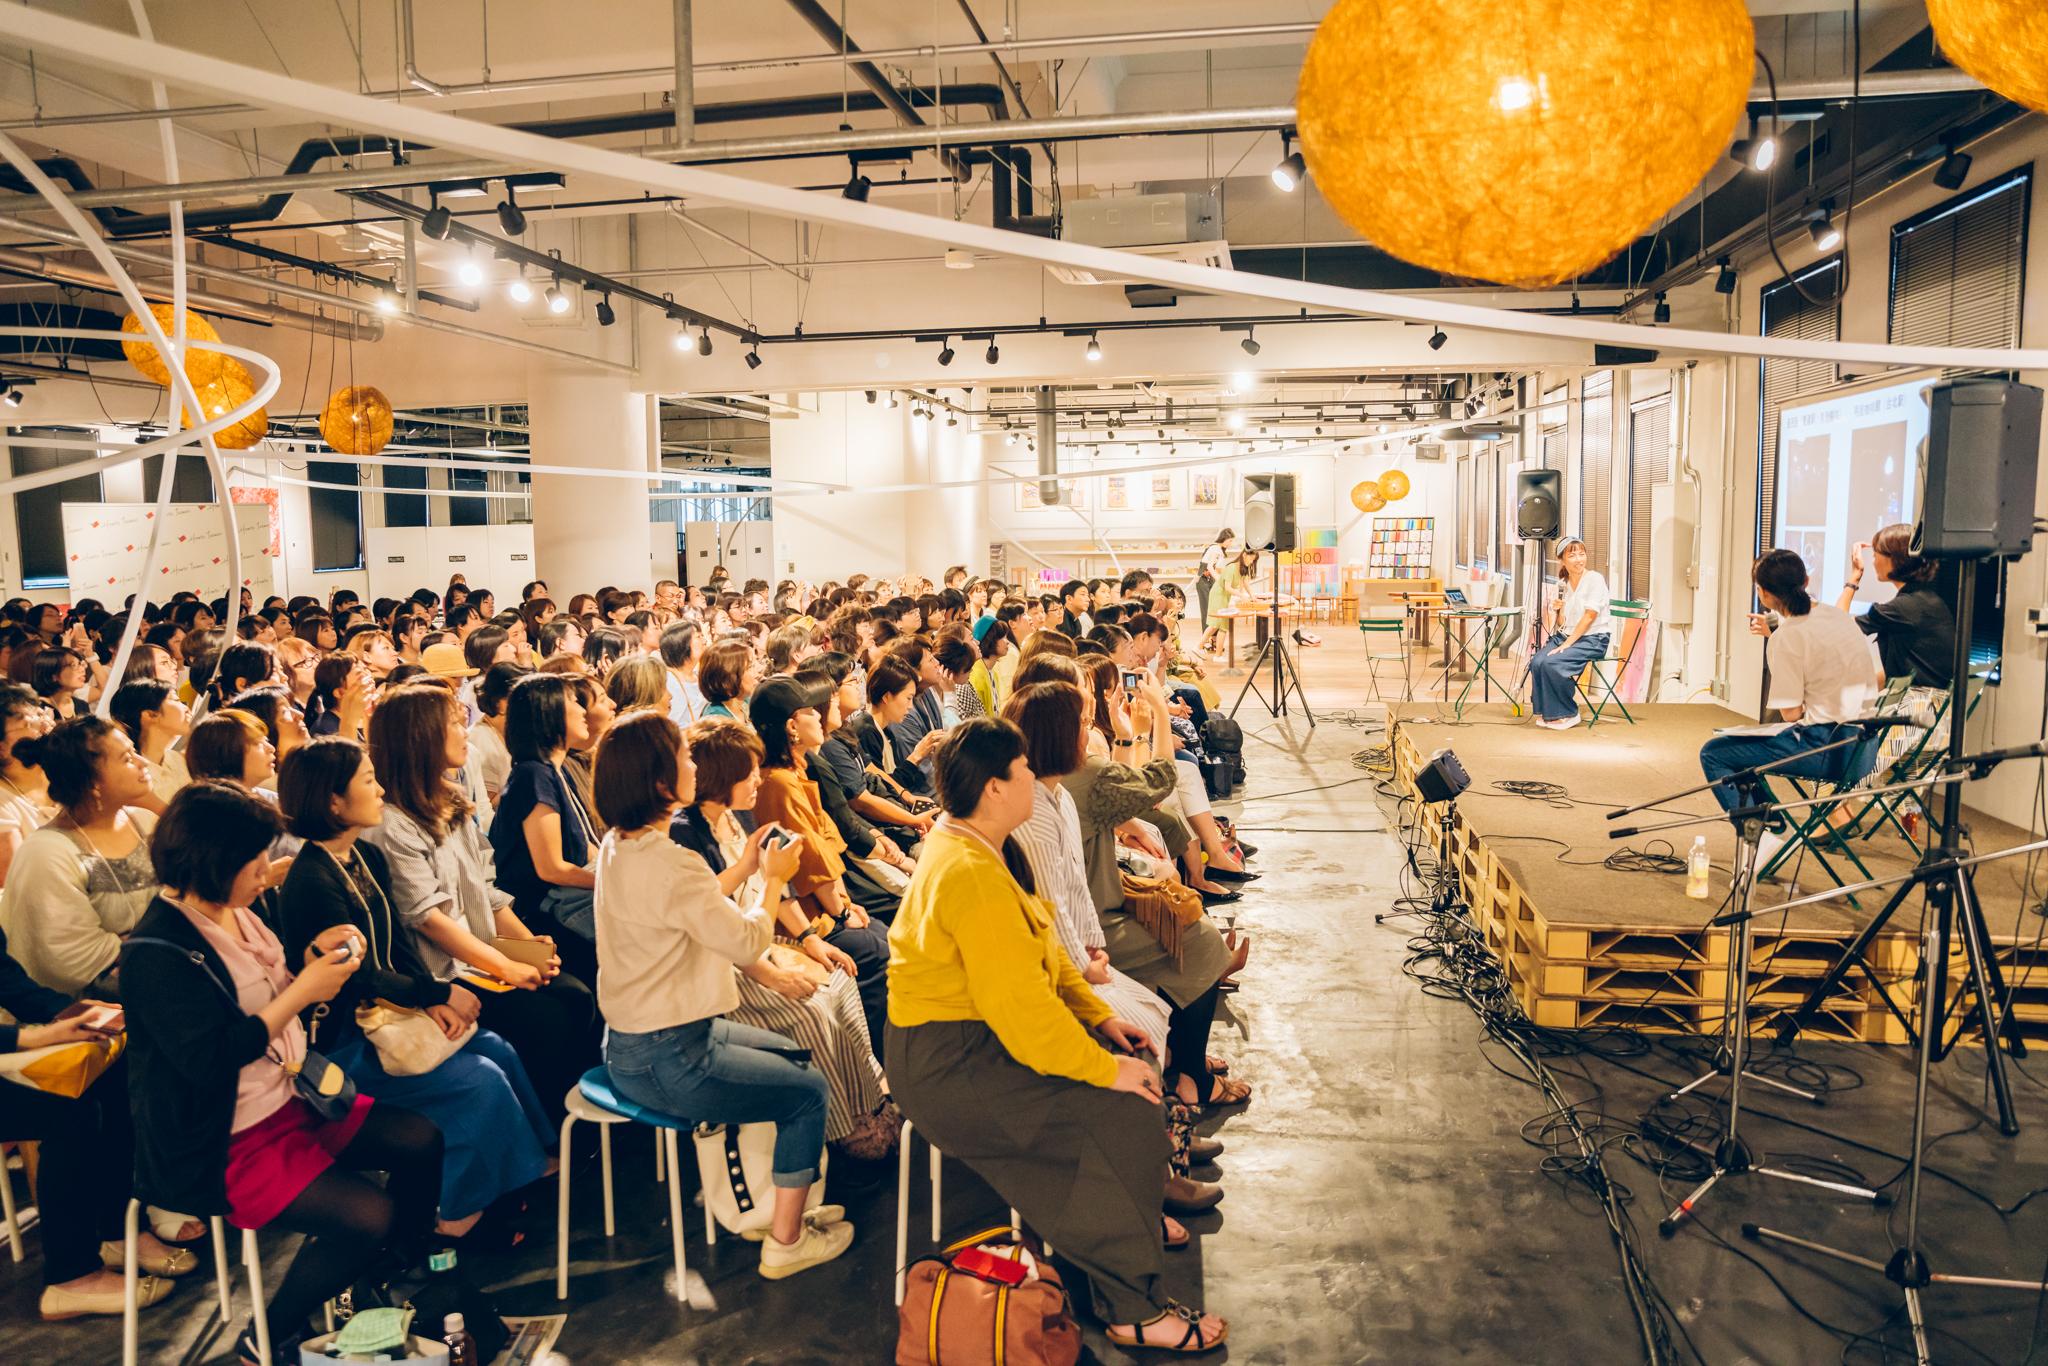 【イベントレポート】台湾女子ナイト2018 in 神戸を開催しました!